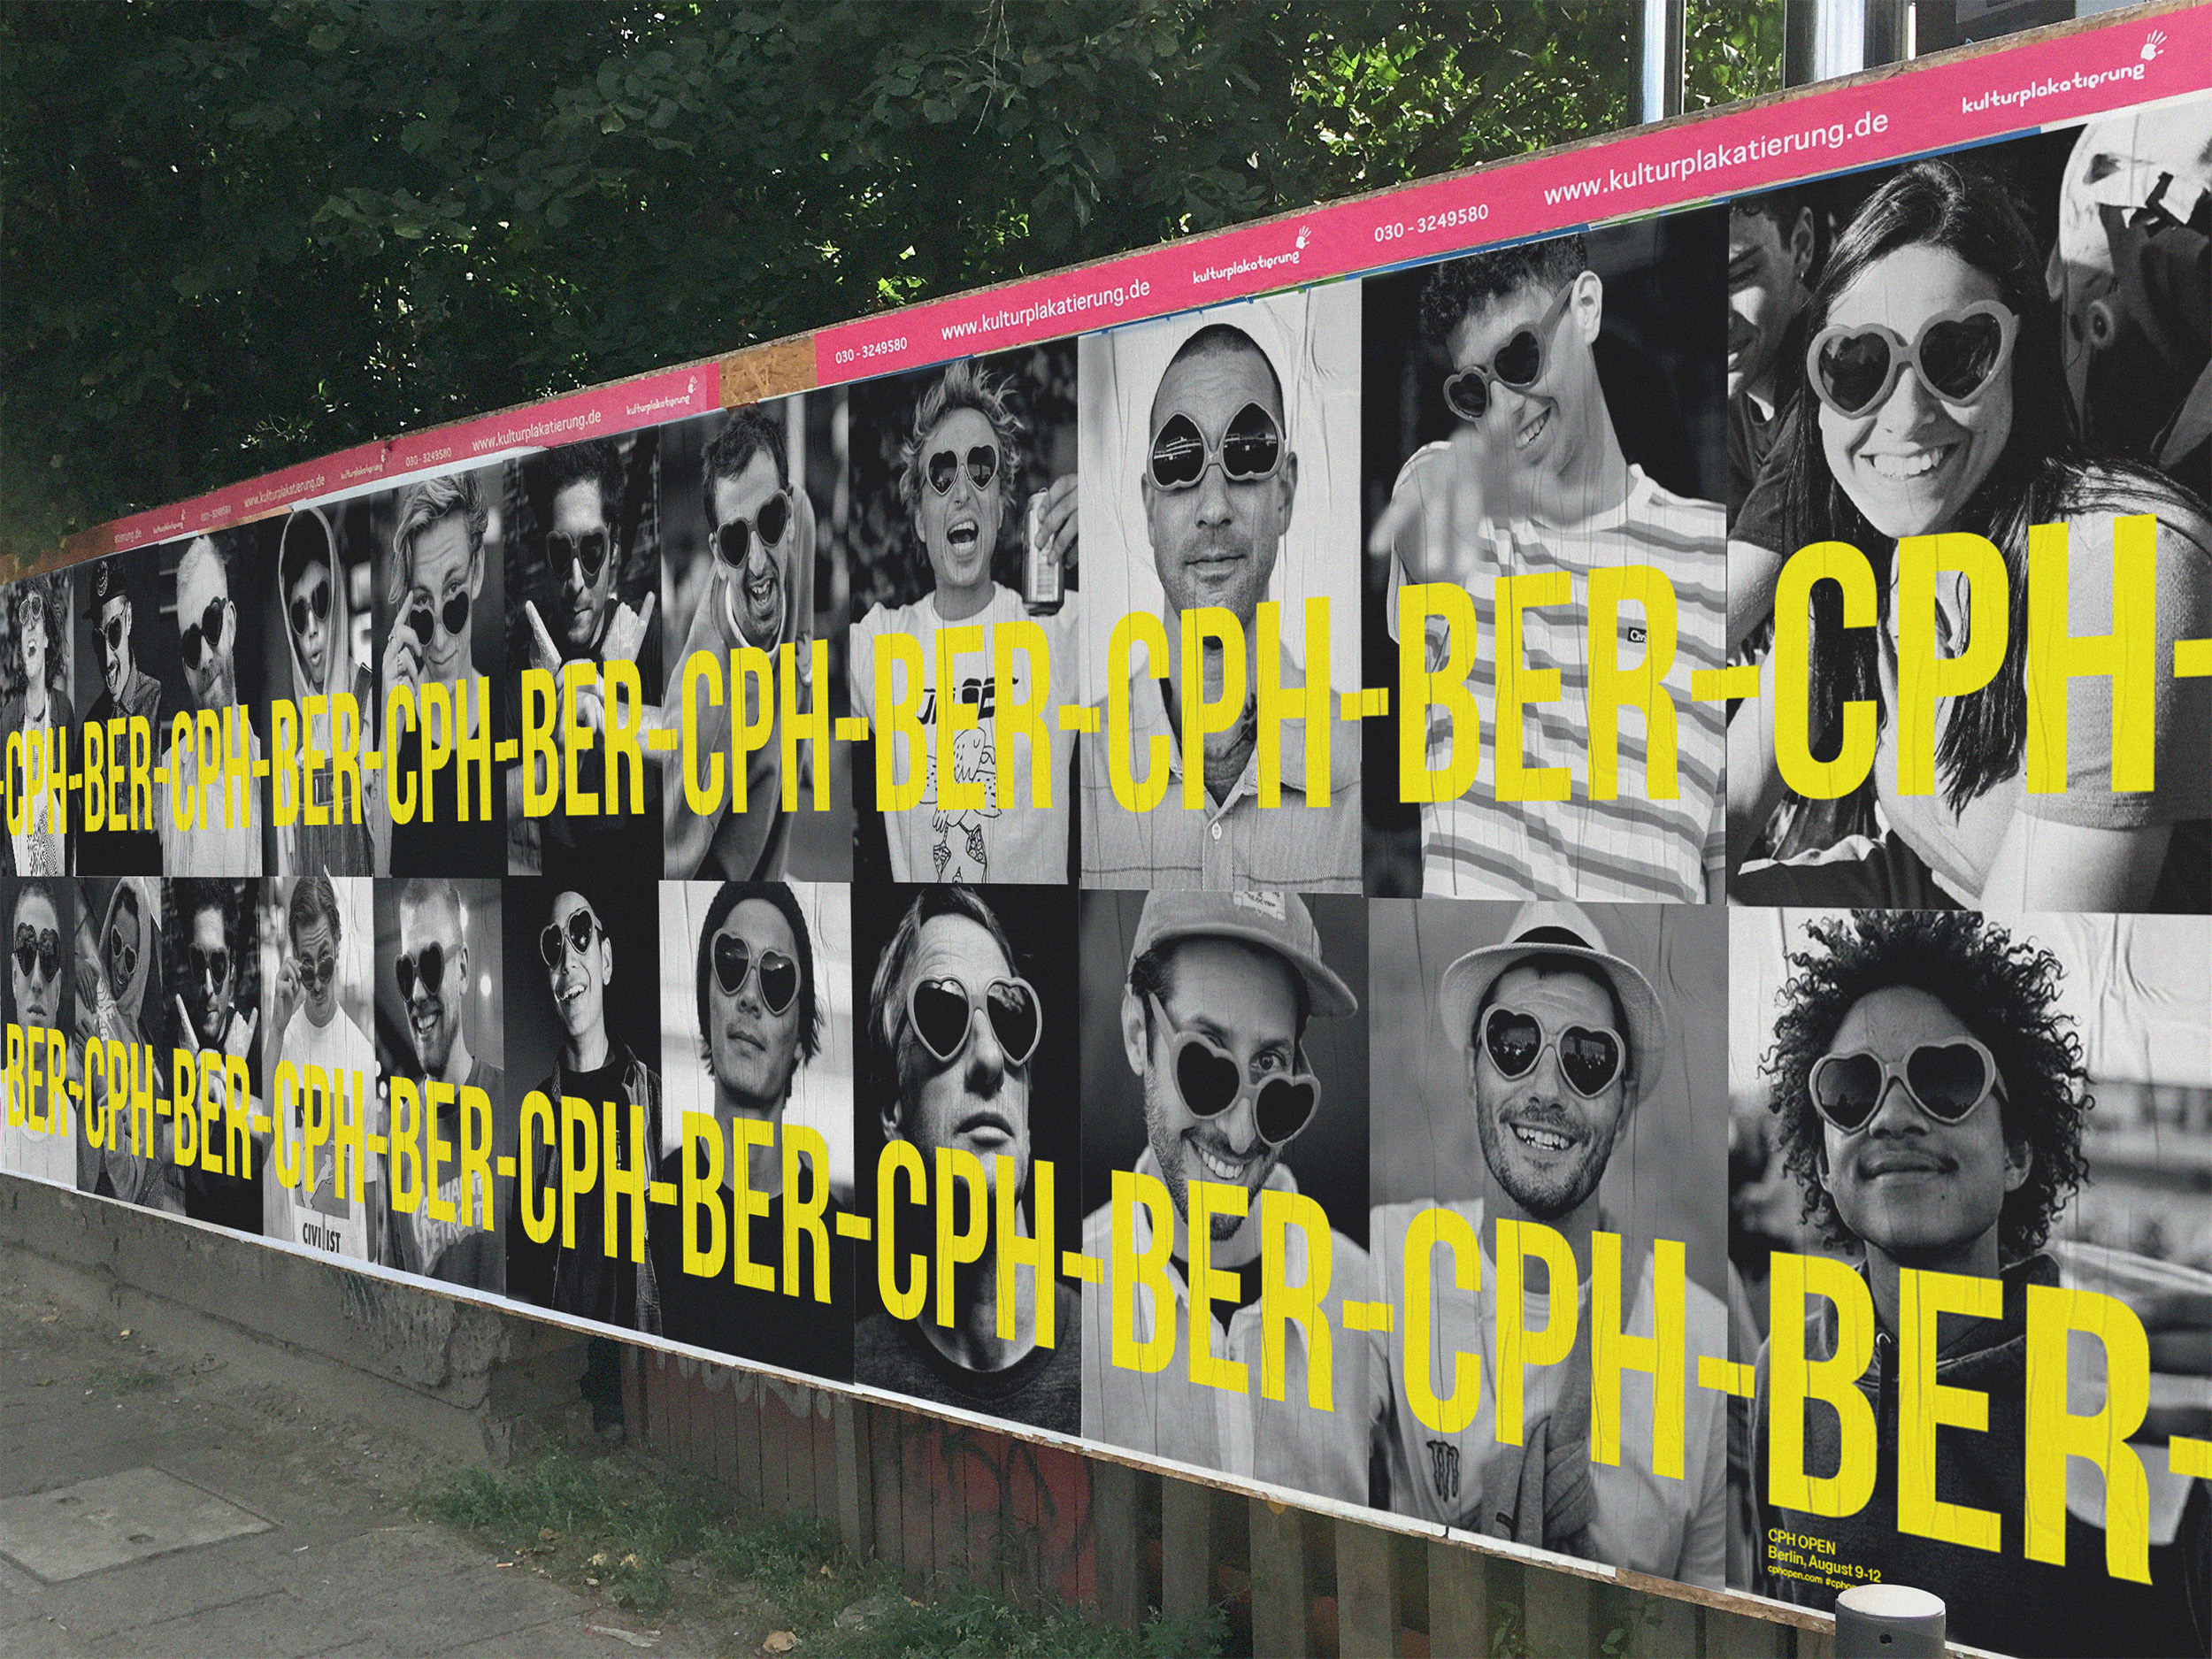 CPH-BER_Top.jpg